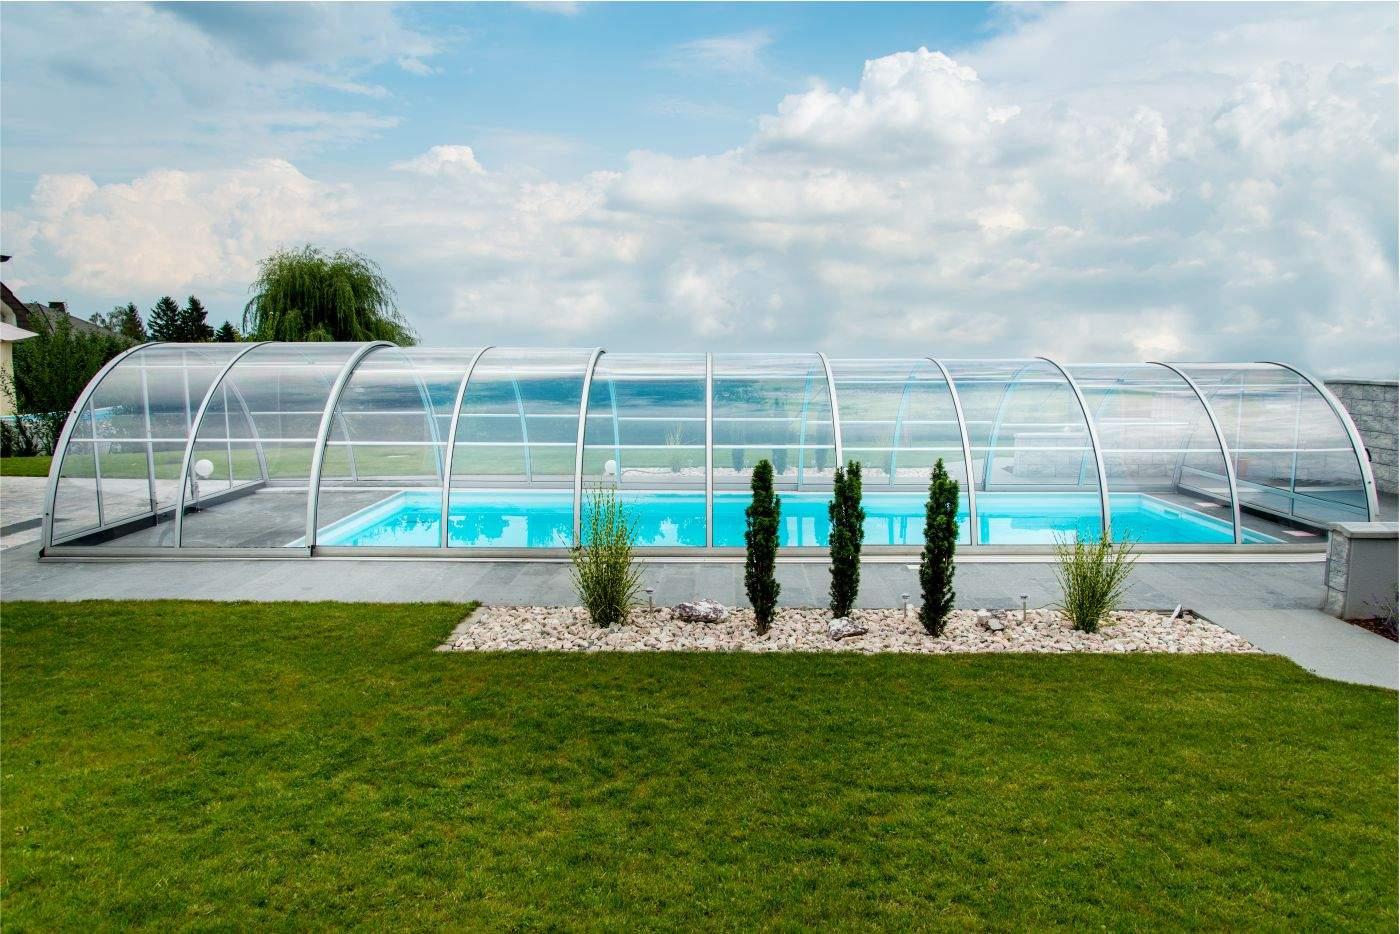 Schwimmbecken Garten Schön Schwimmbad überdachung Praktik